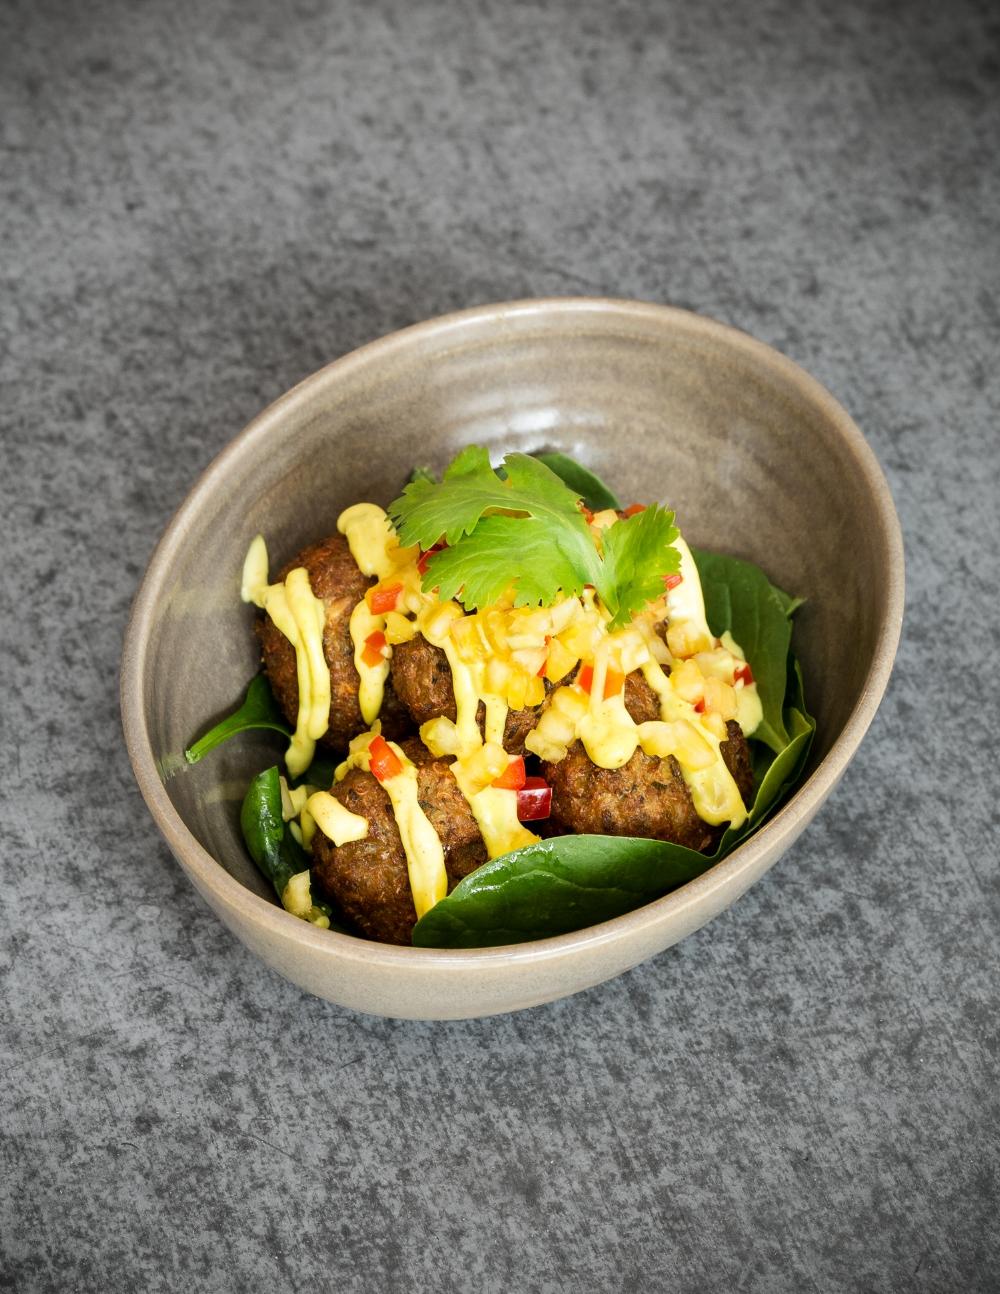 Crédit photo : Kéven Poisson - Croquettes de Quinoa (Fried quinoa balls)